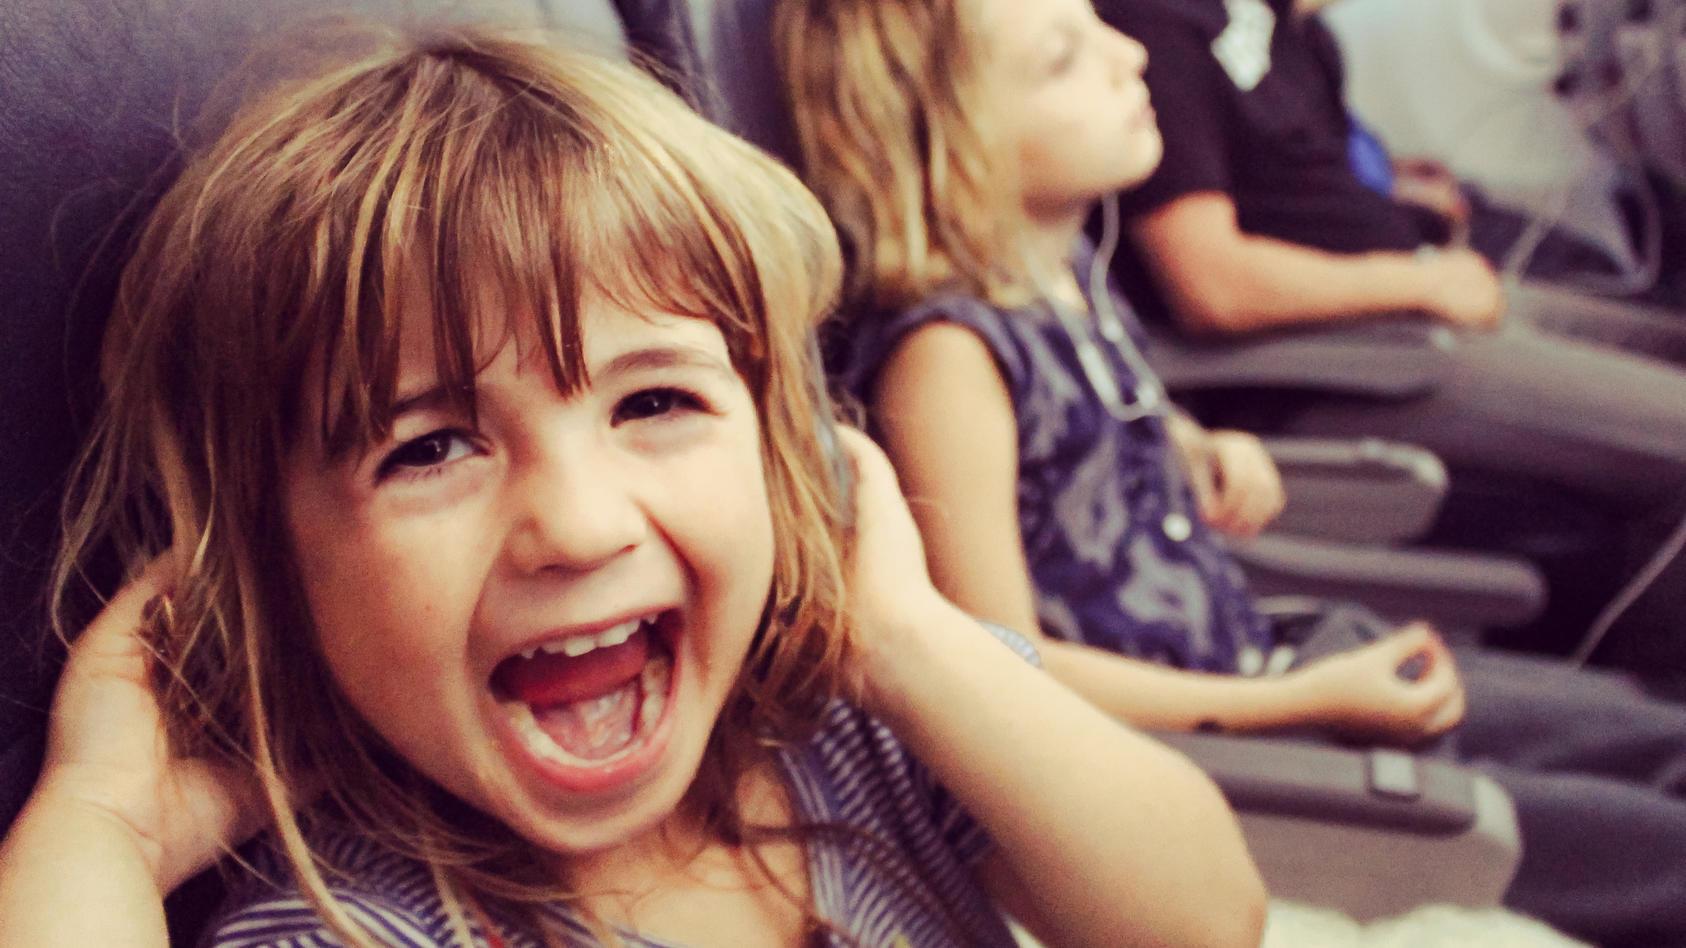 Kann ganz schön anstrengend sein, für die eigenen Eltern und Mitreisende: Kinder, die im Flugzeug ordentlich Lärm machen.